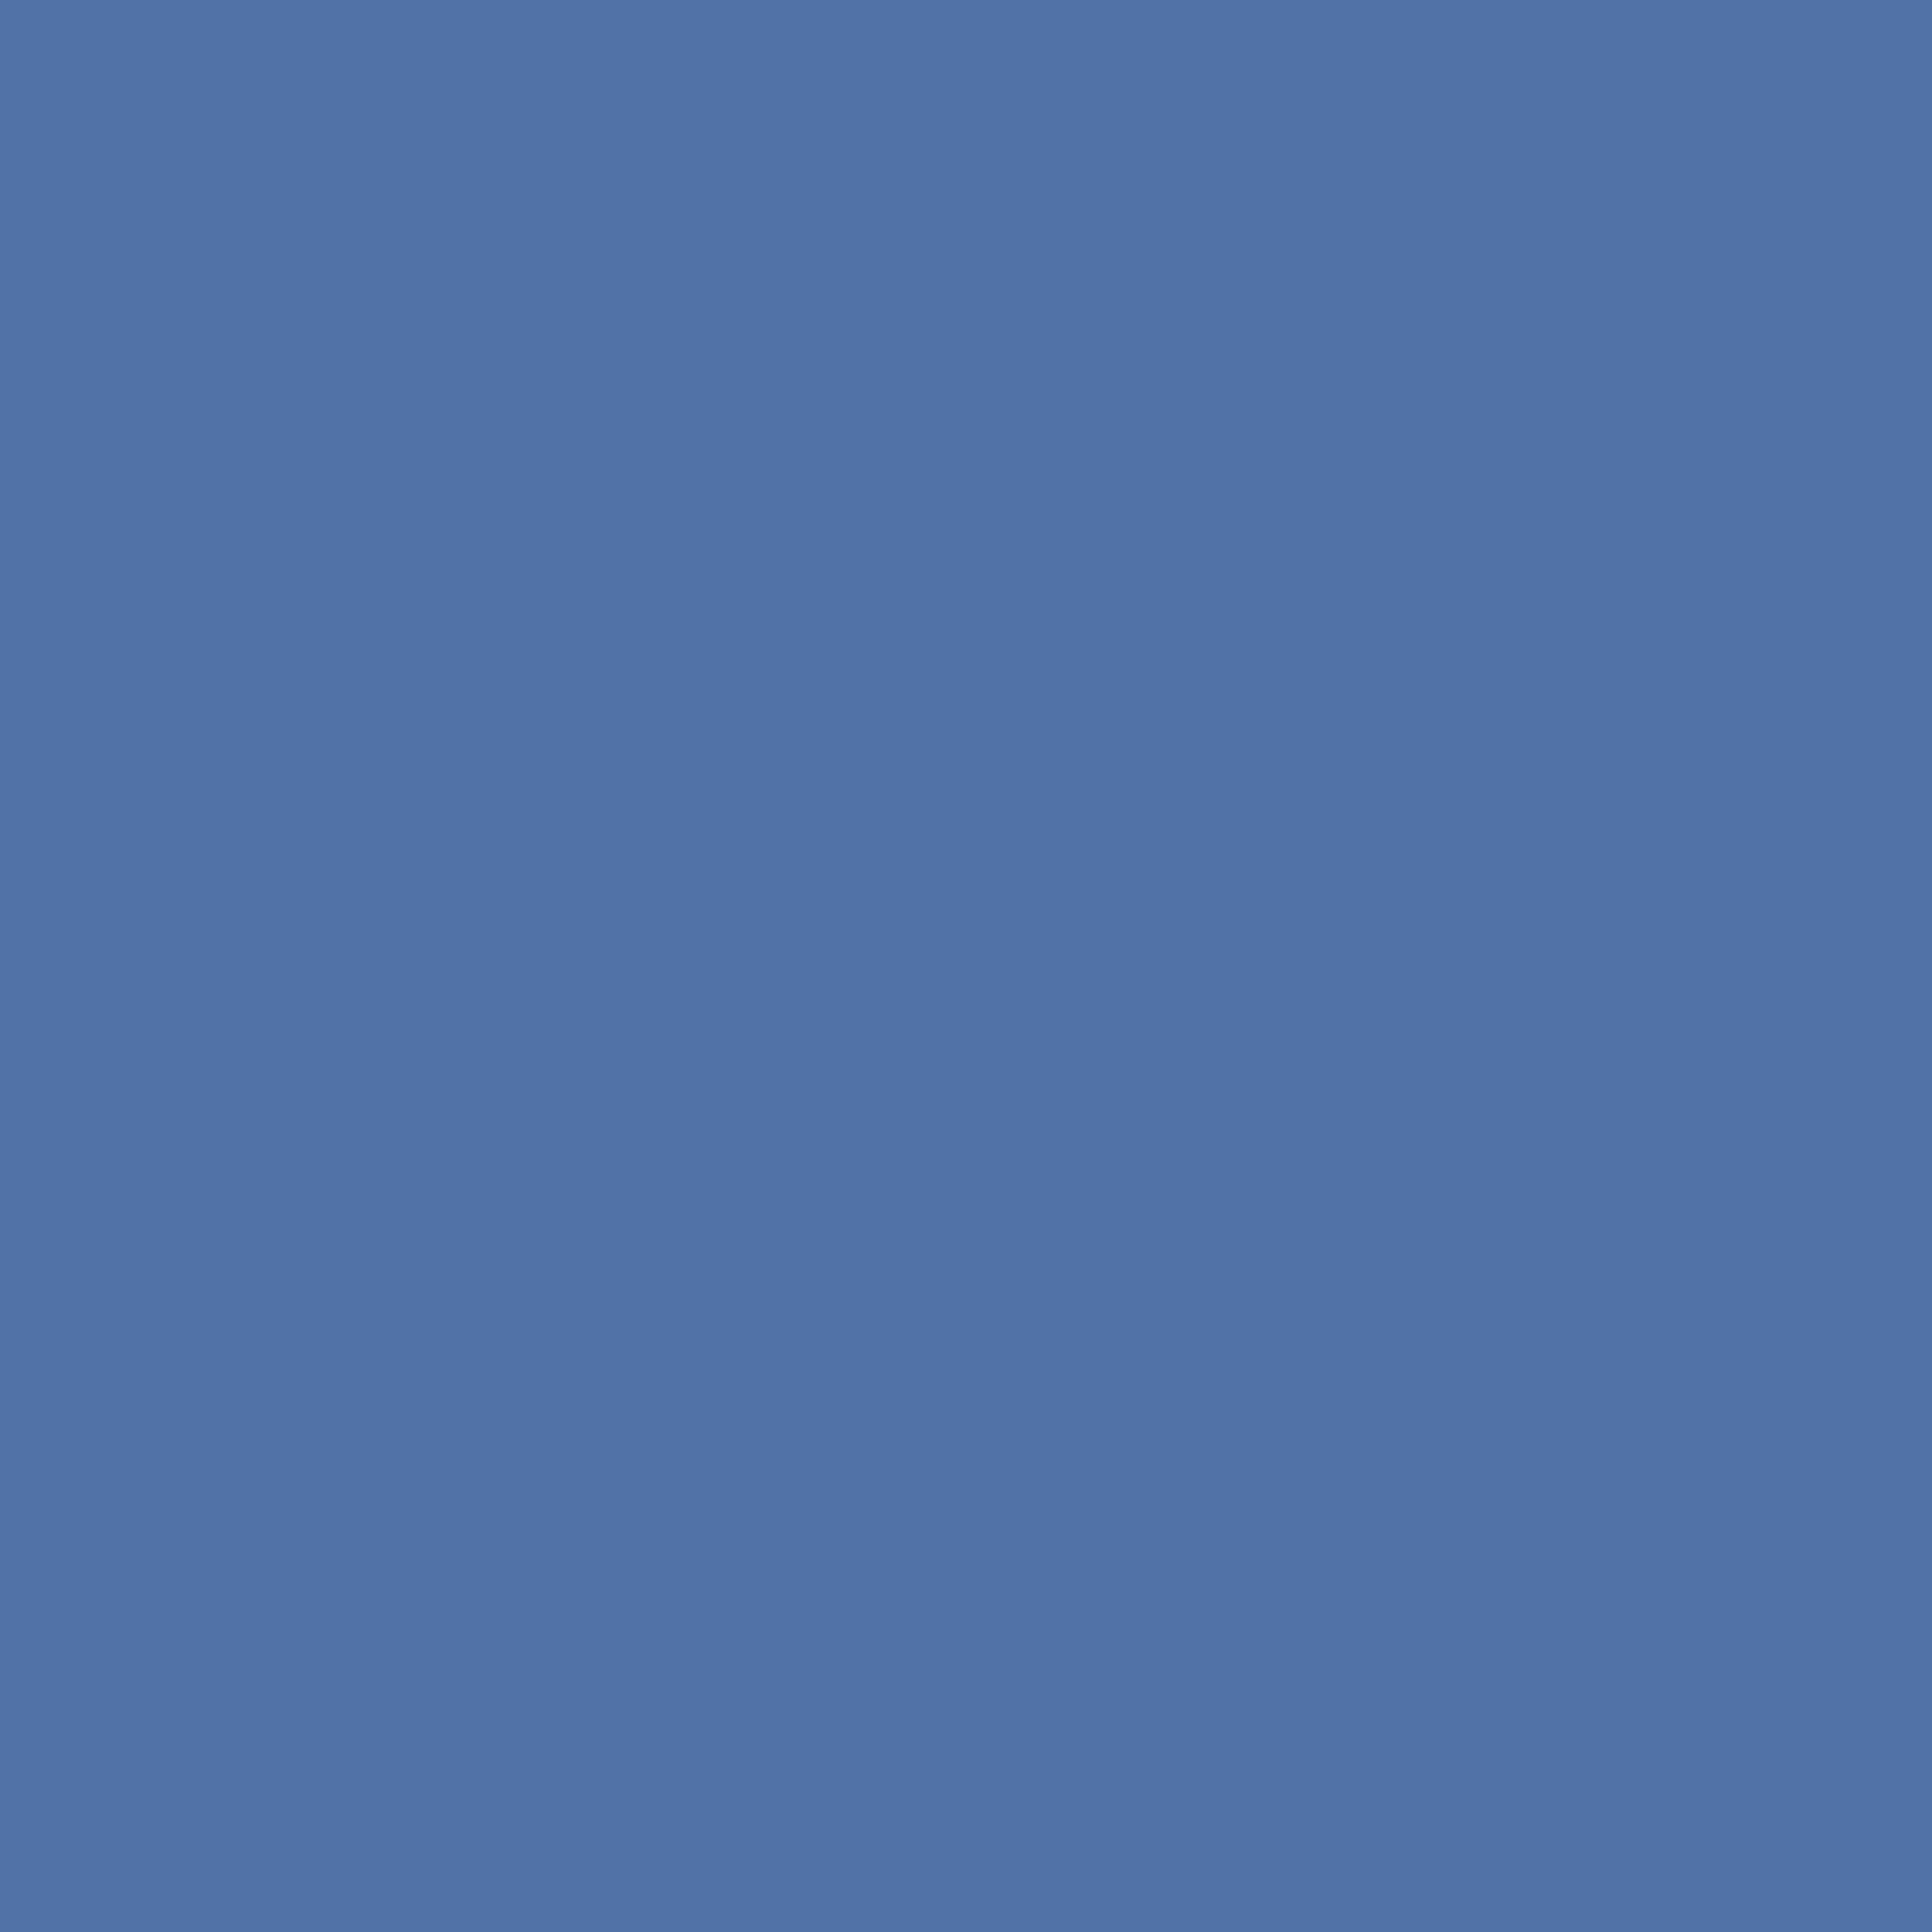 2048x2048 Blue Yonder Solid Color Background